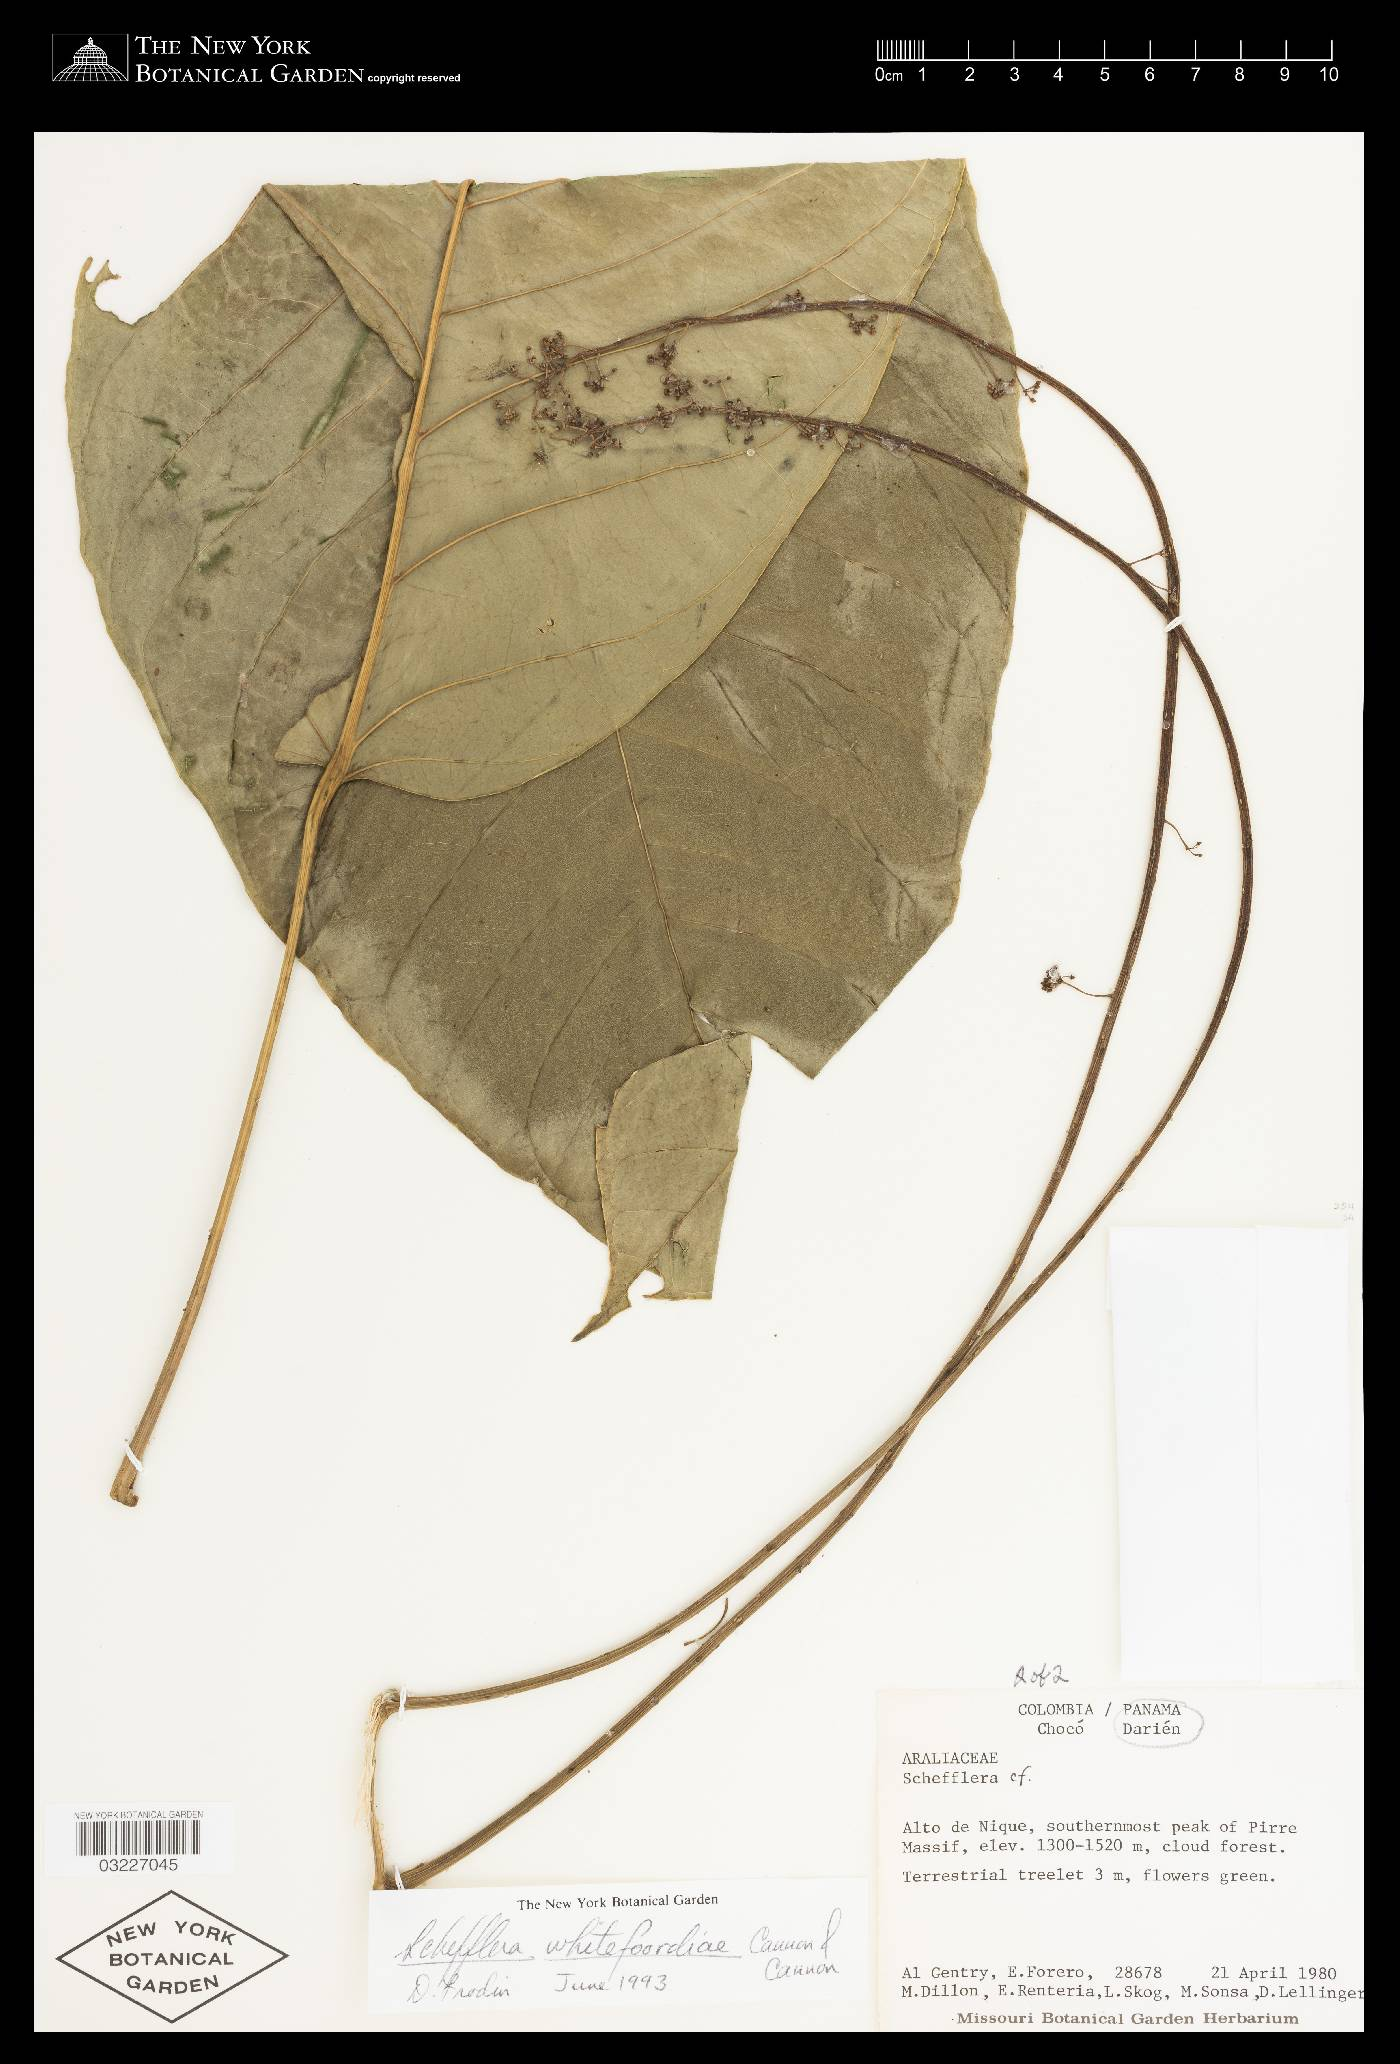 Schefflera whitefoordiae image